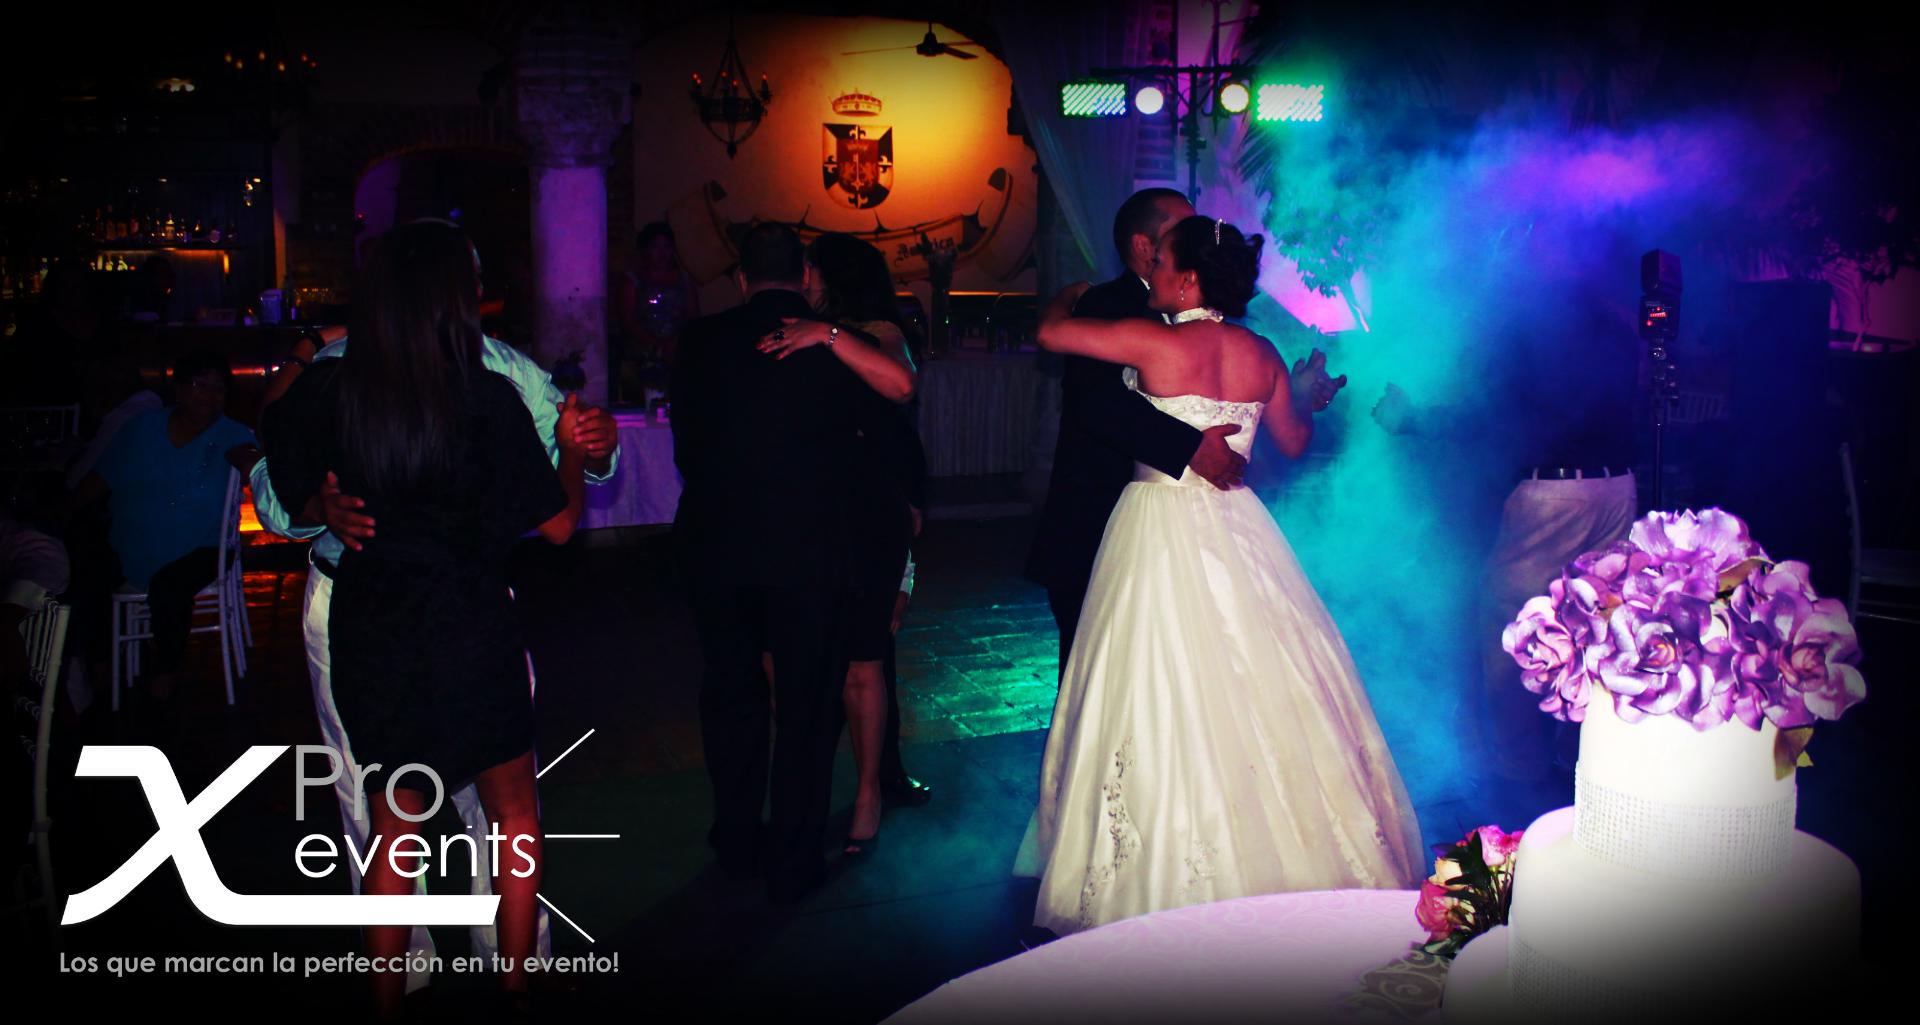 www.Xproevents.com - A bailar.JPG